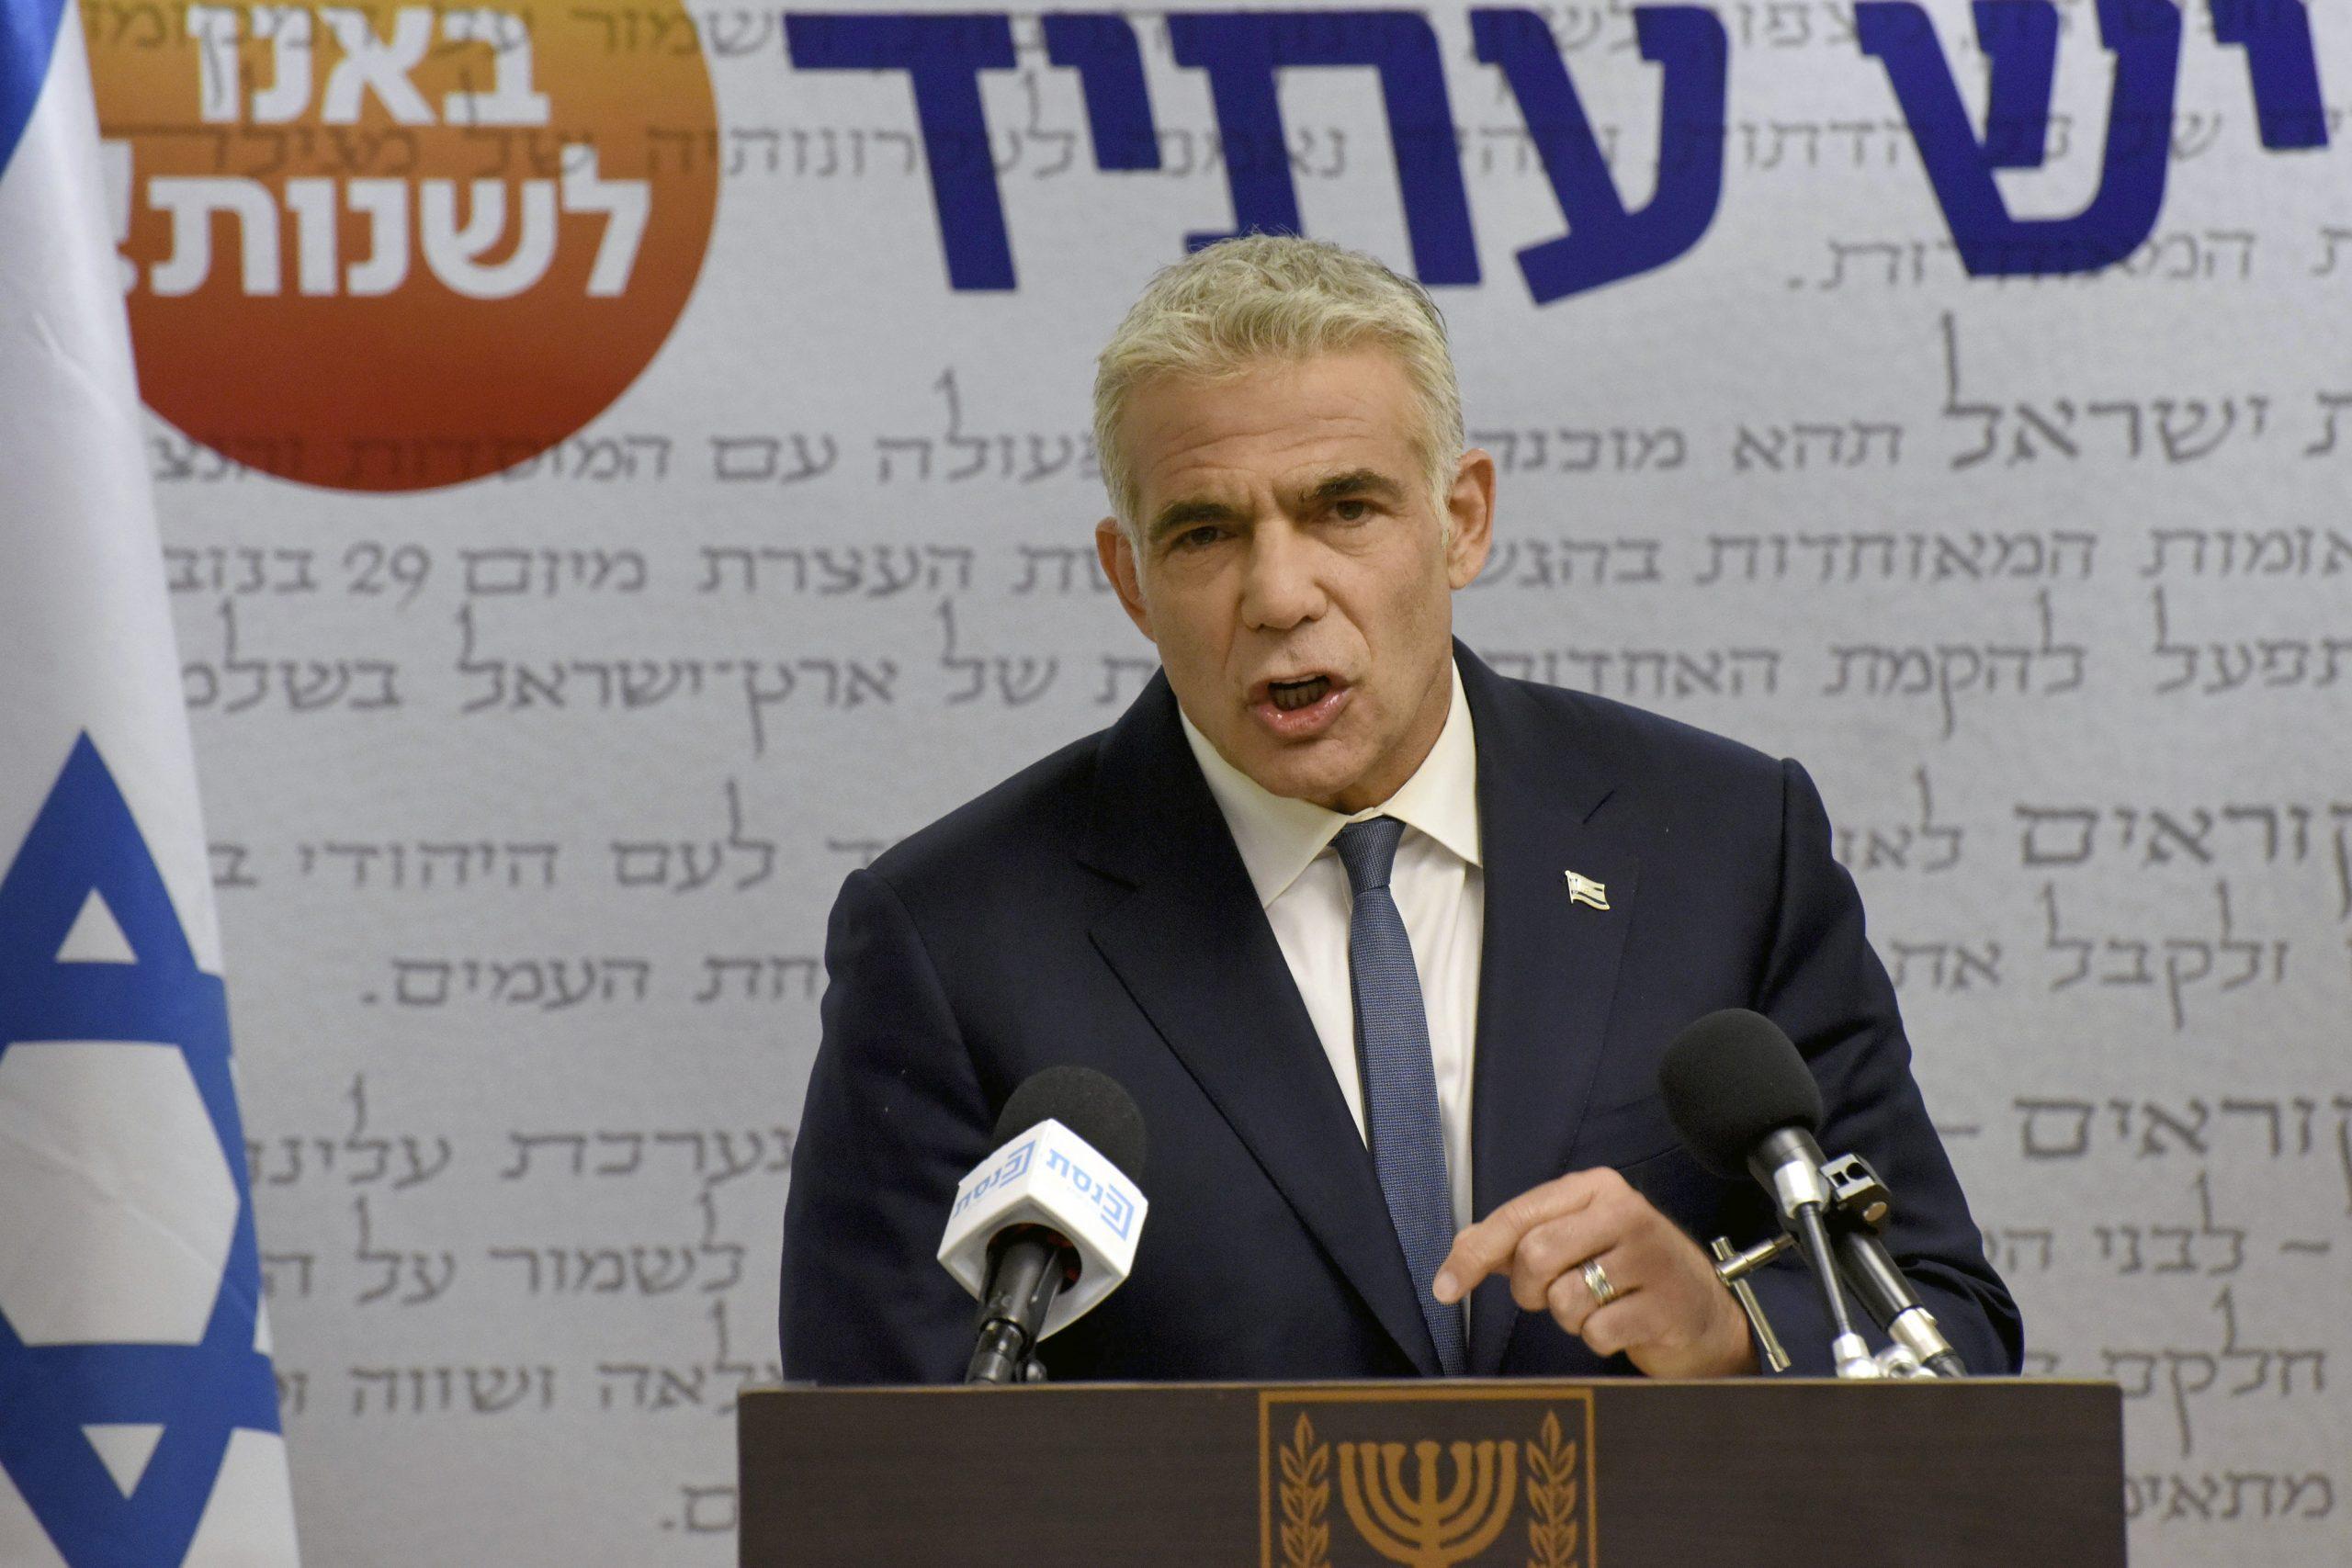 Drei Minister der neuen israelischen Regierung sind ungarischer Herkunft